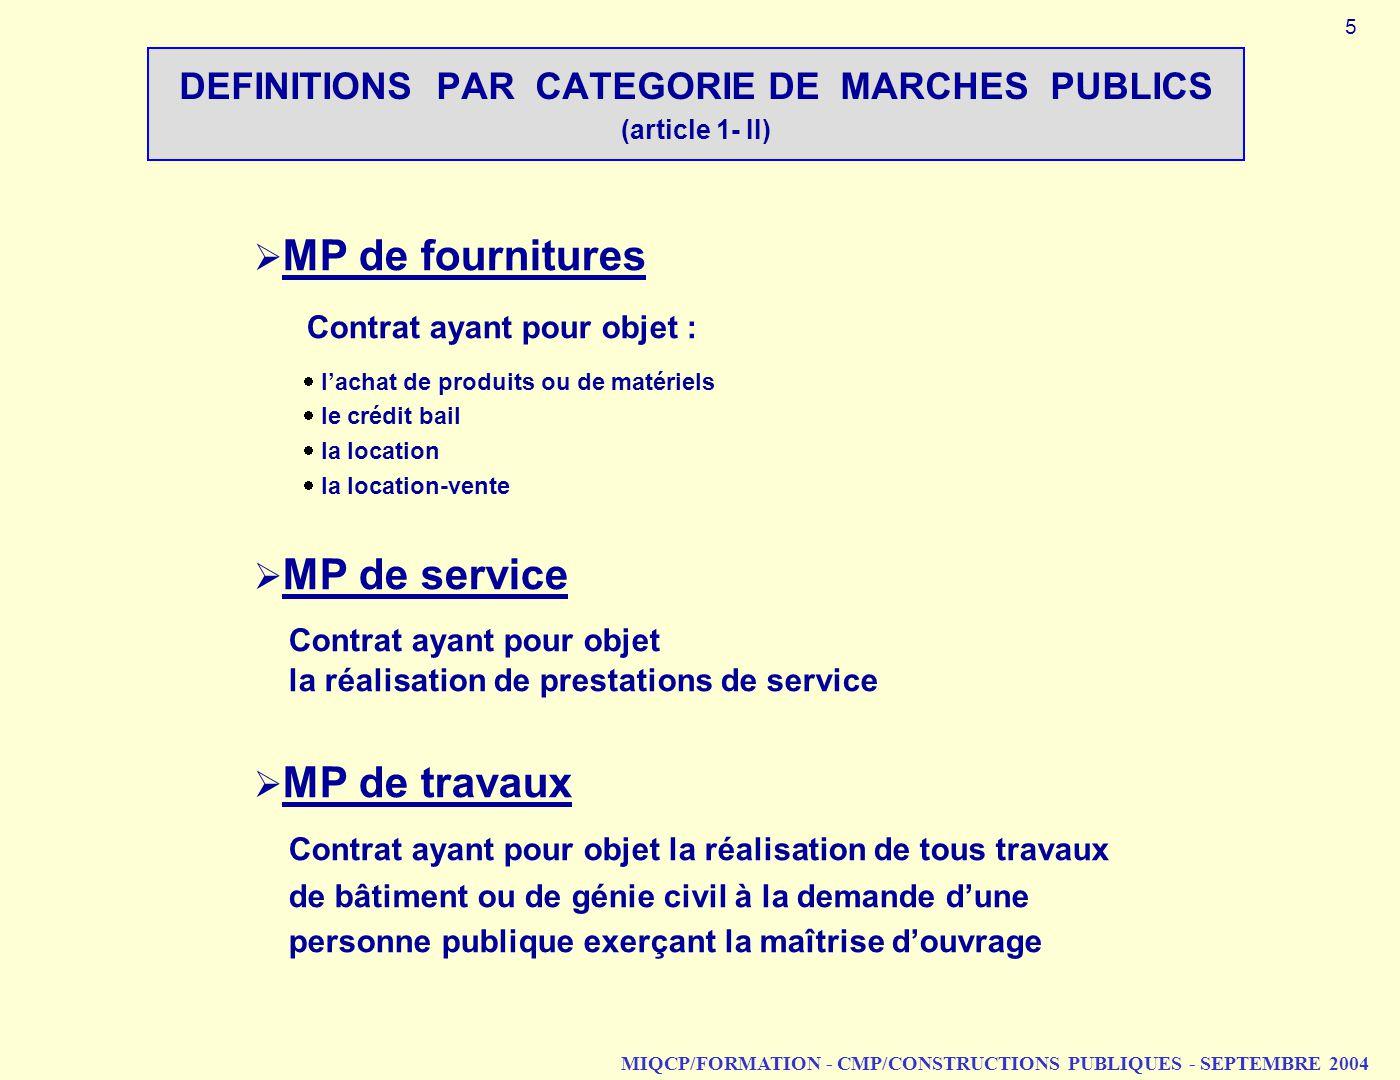 MIQCP/FORMATION - CMP/CONSTRUCTIONS PUBLIQUES - SEPTEMBRE 2004 DEFINITIONS PAR CATEGORIE DE MARCHES PUBLICS (article 1 II) MP de fournitures Contrat a